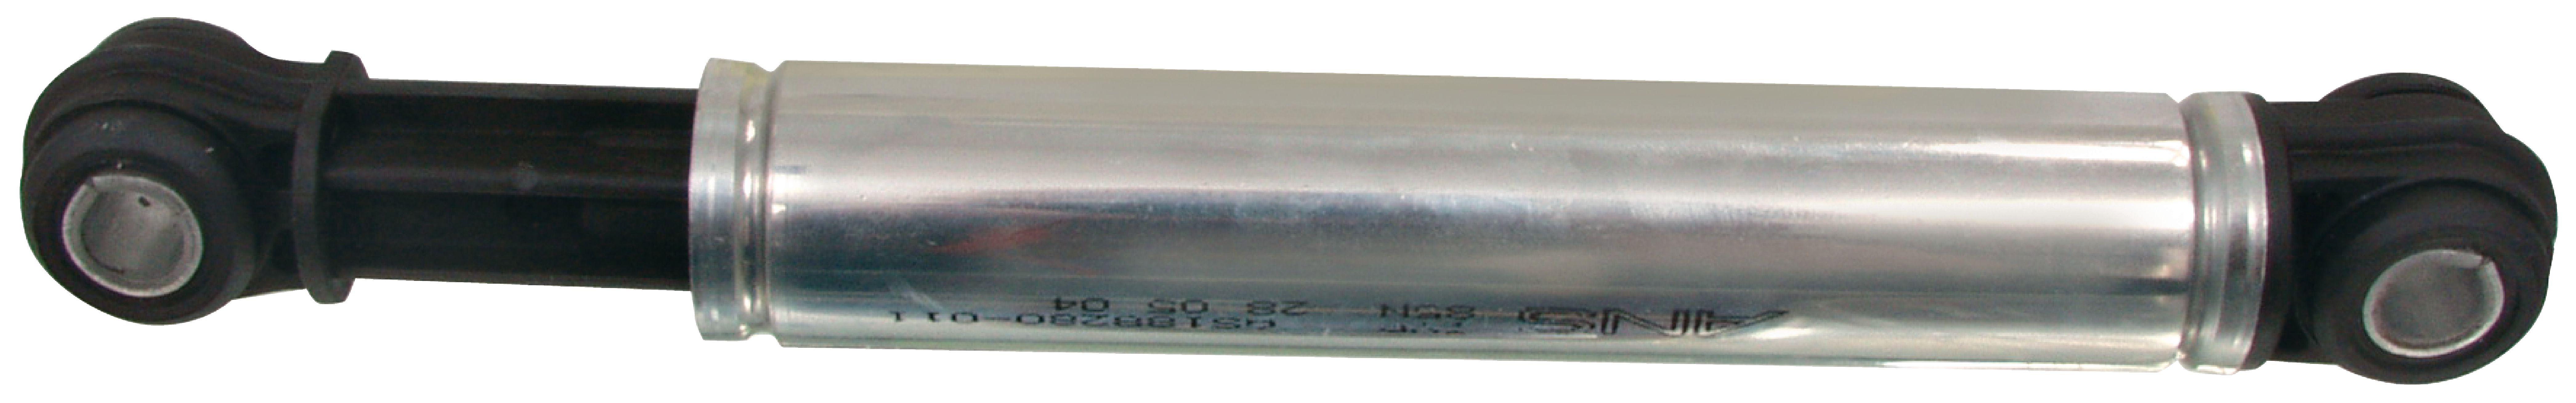 Tlumič bubnu pračky 100N 07654, 93X3136 Bosh, Siemens, 2ks Fixapart W1-05072/A